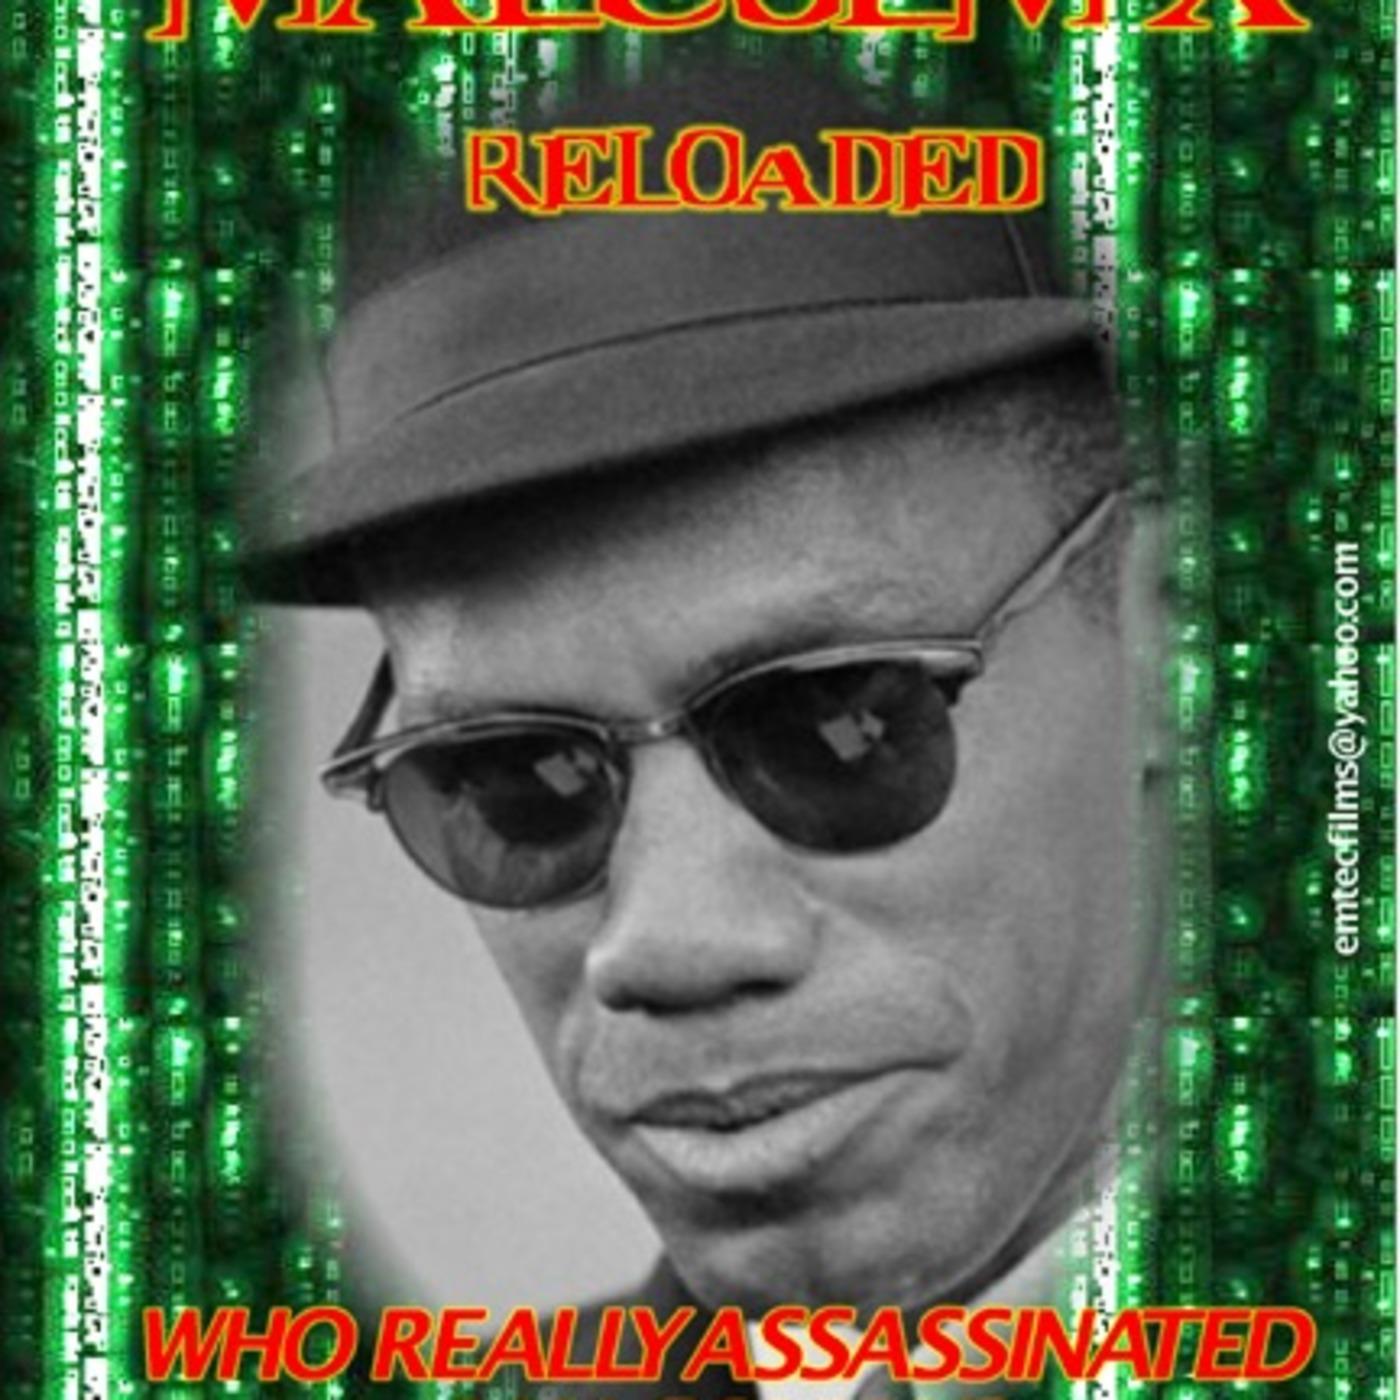 Malcolm X Reloaded